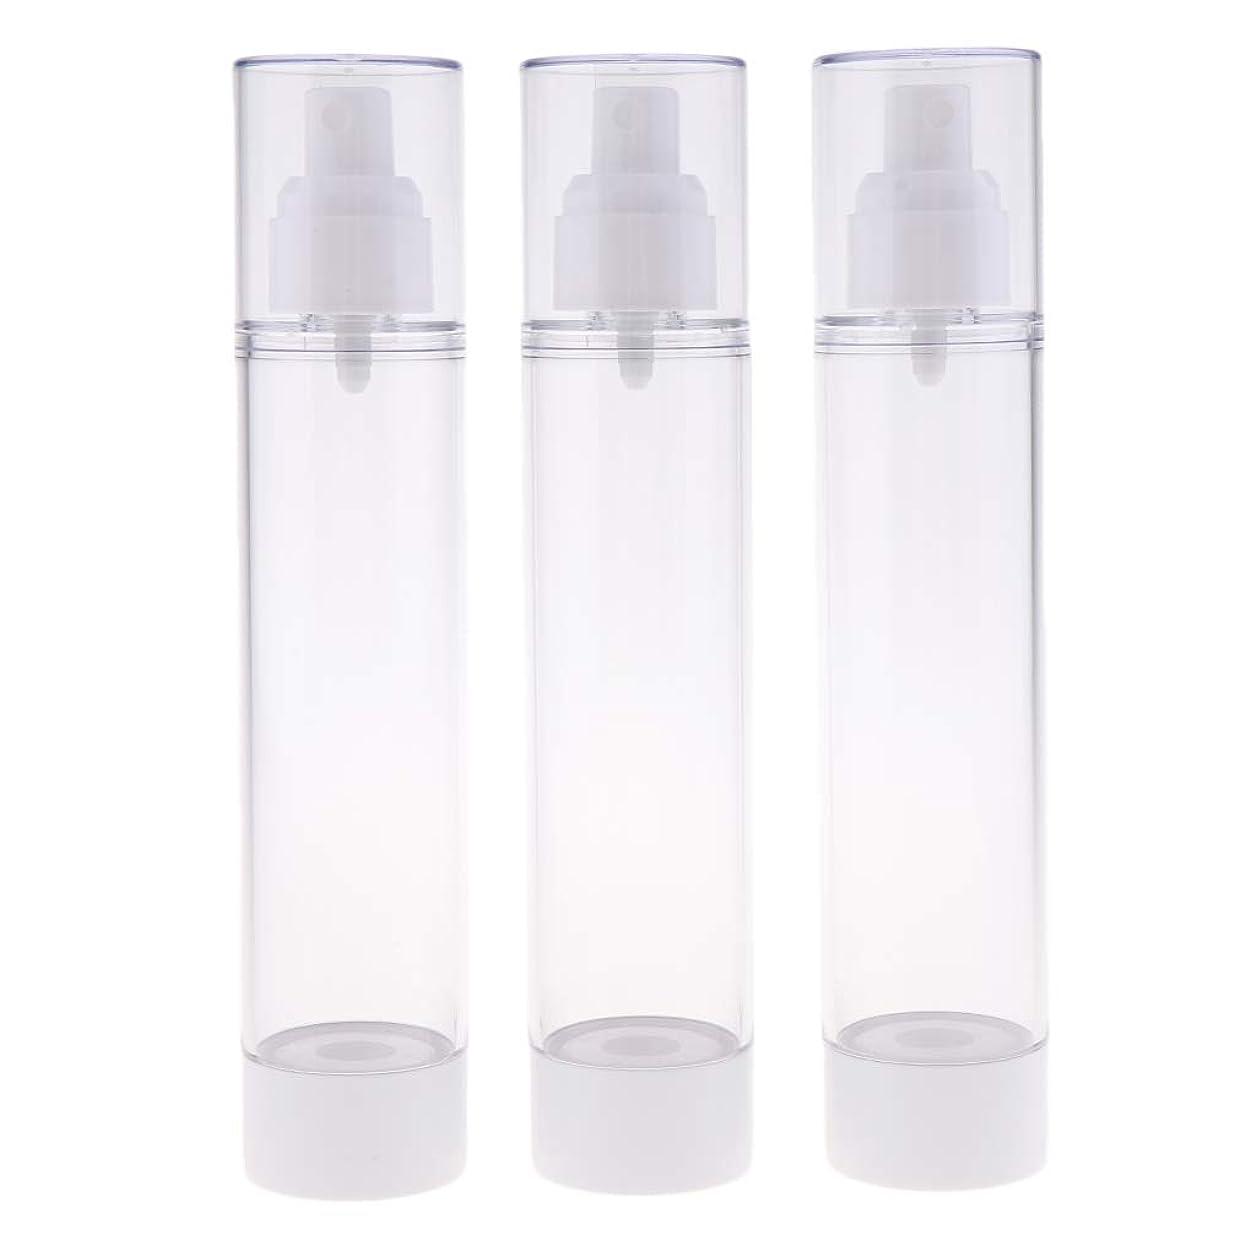 シチリア生産性問い合わせるスプレーボトル 霧吹き アトマイザー 噴霧 香水スプレー 化粧水ボトル 3個入り 全6サイズ - 120ml